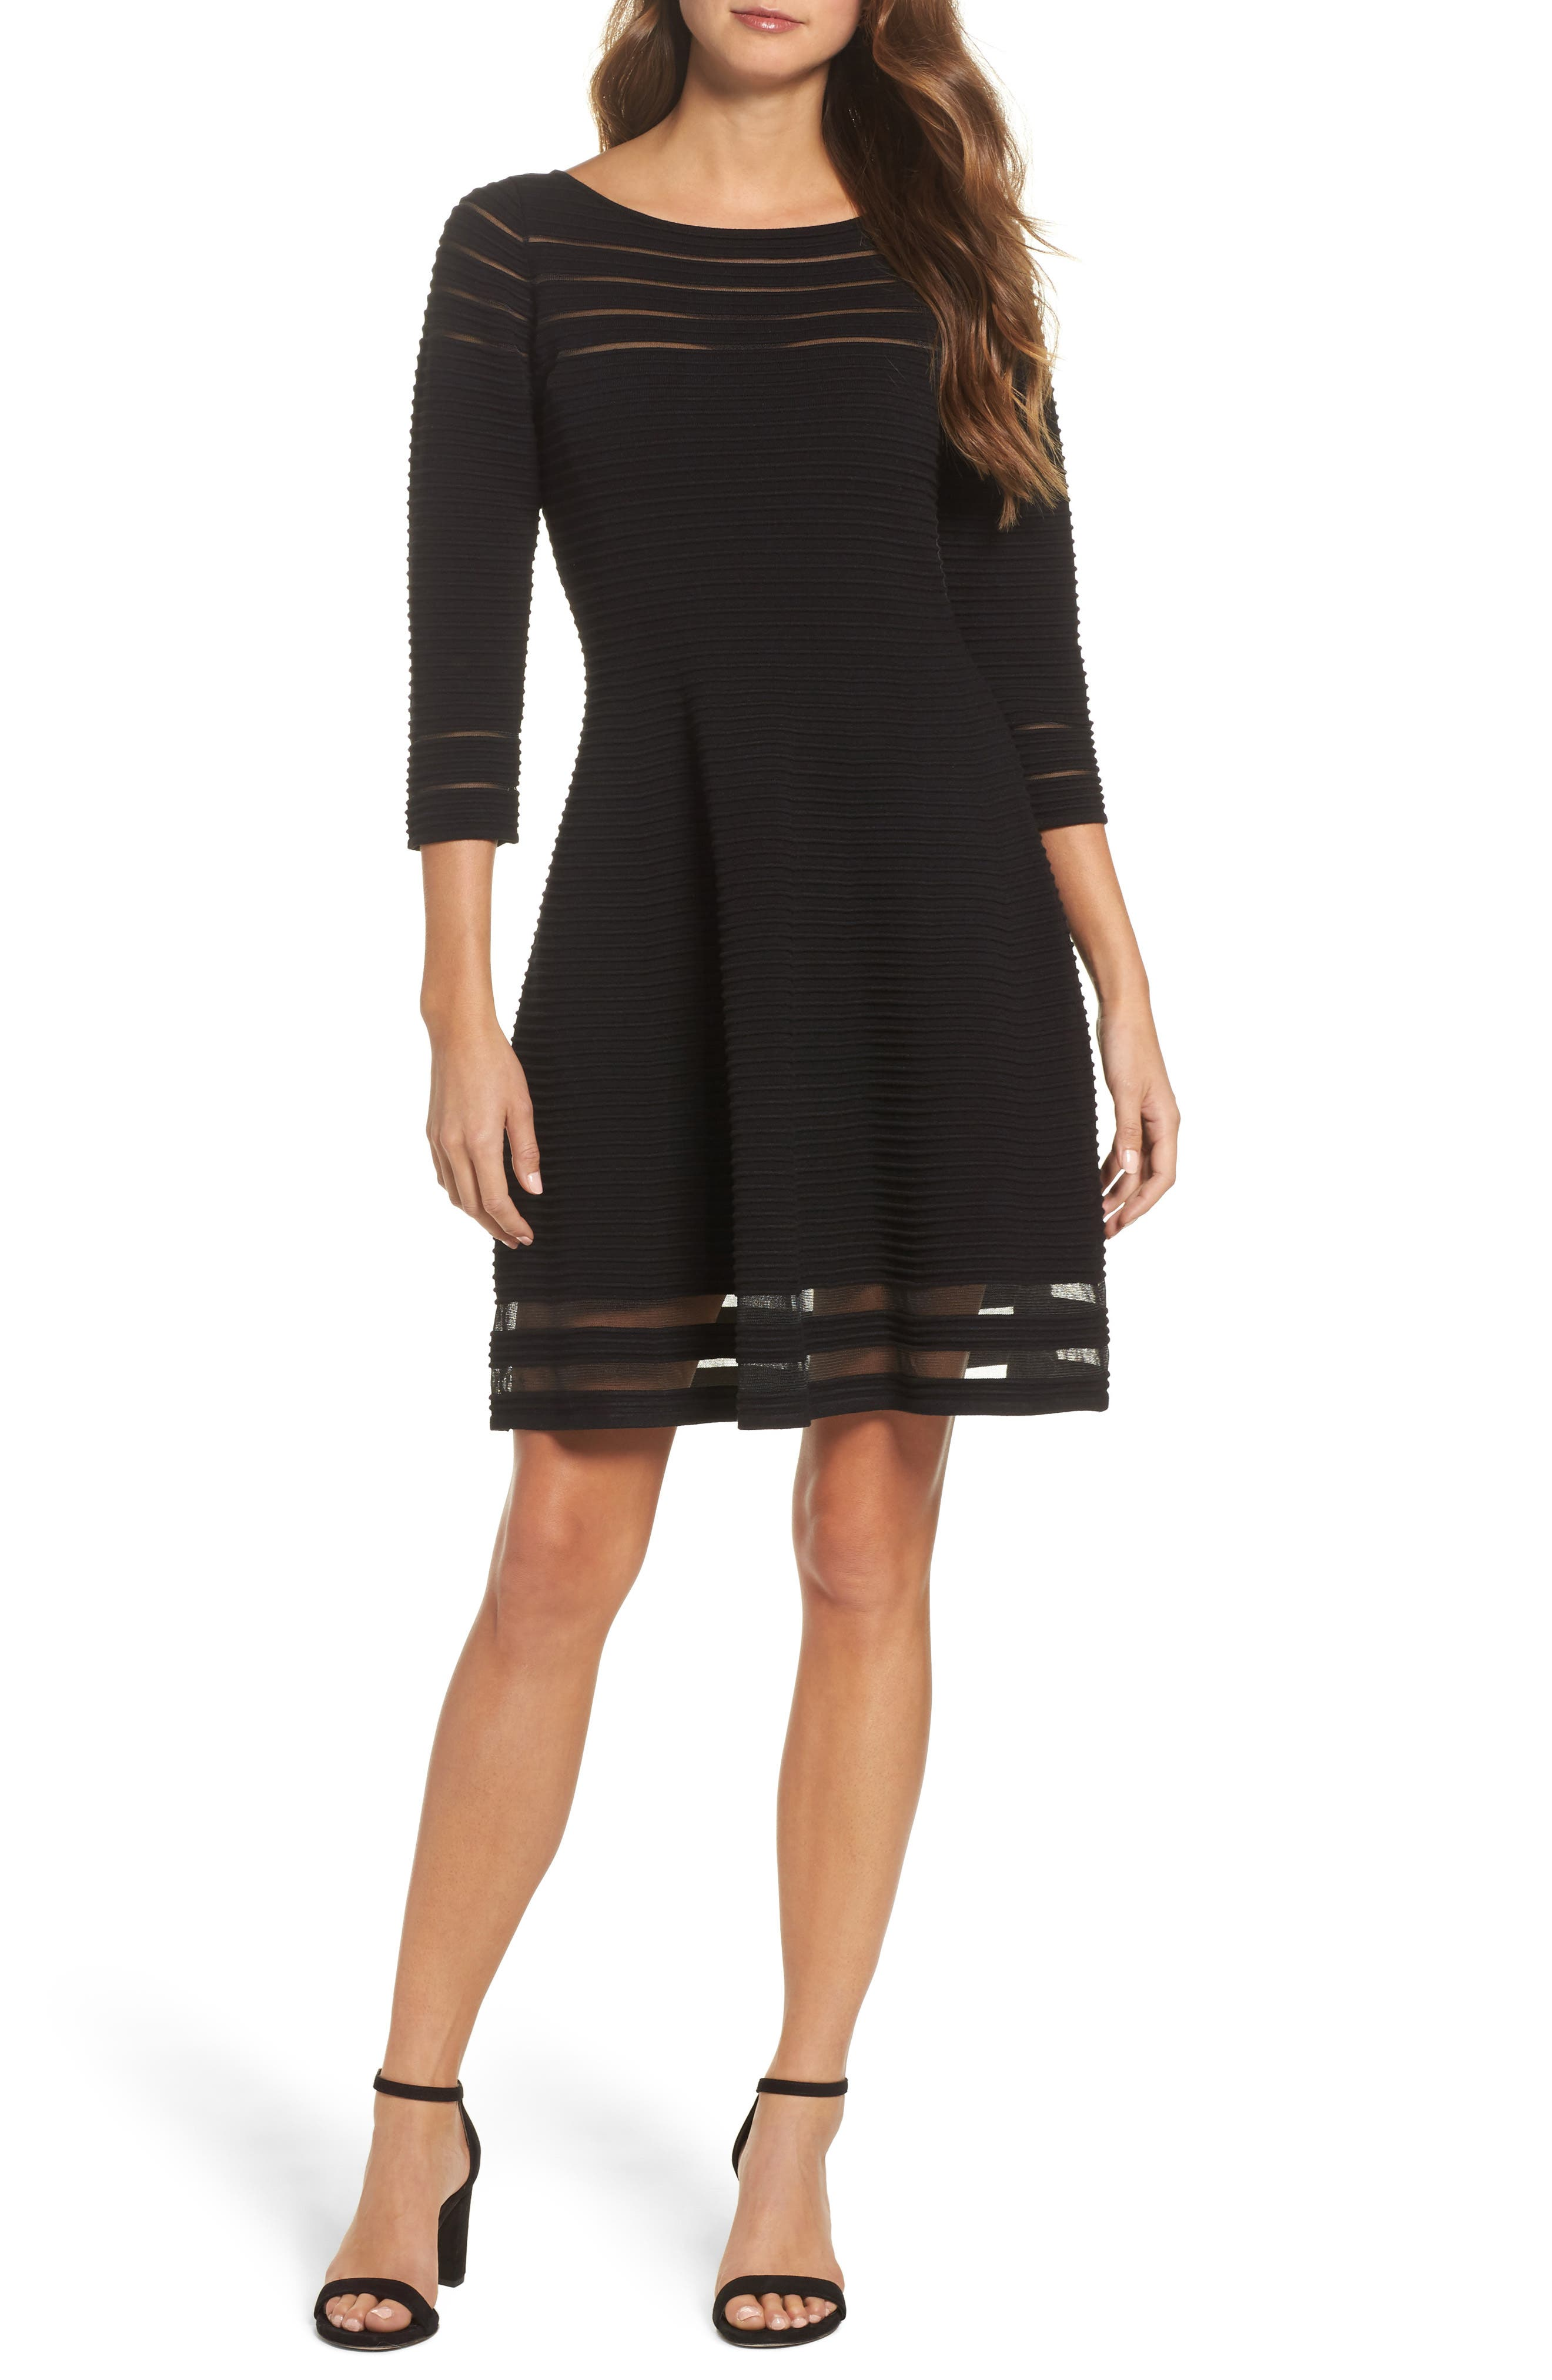 Alternate Image 1 Selected - Eliza J Mesh Fit & Flare Dress